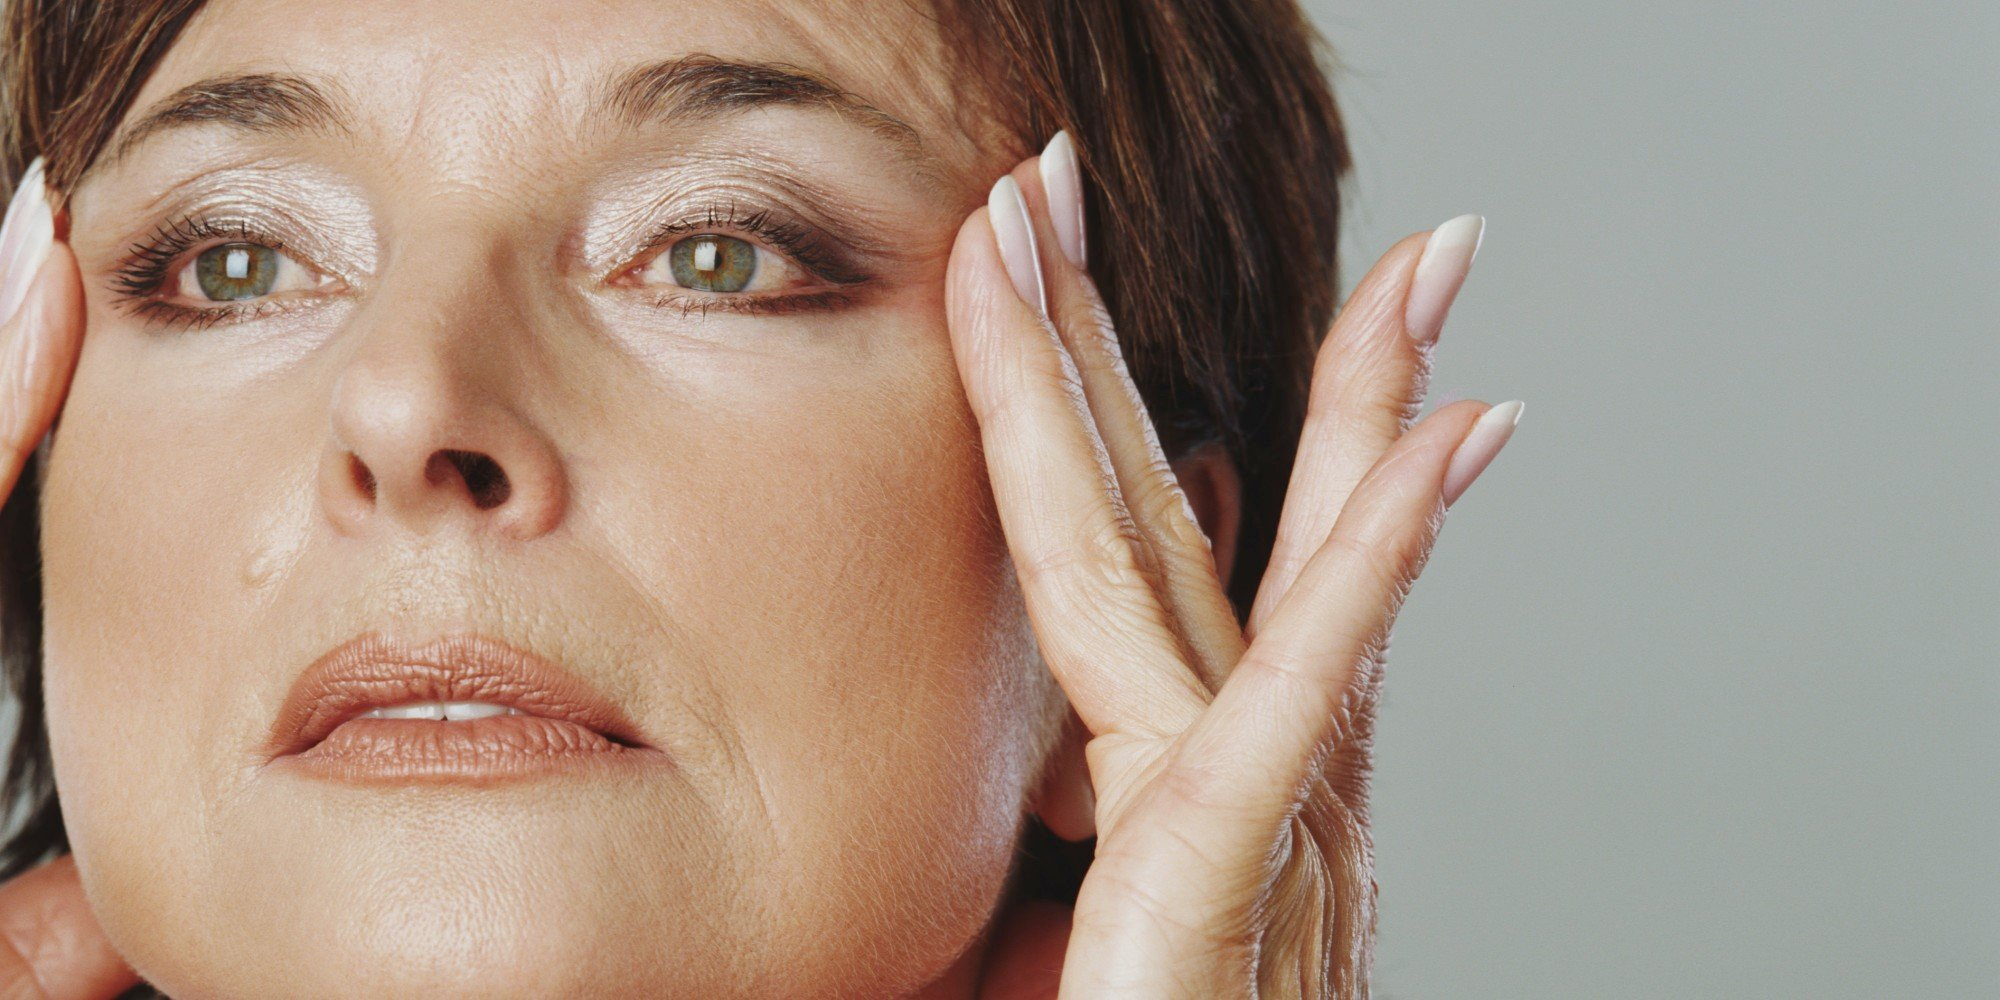 Як зробити ліфтинг обличчя в домашніх умовах? Показання до проведення. види процедур